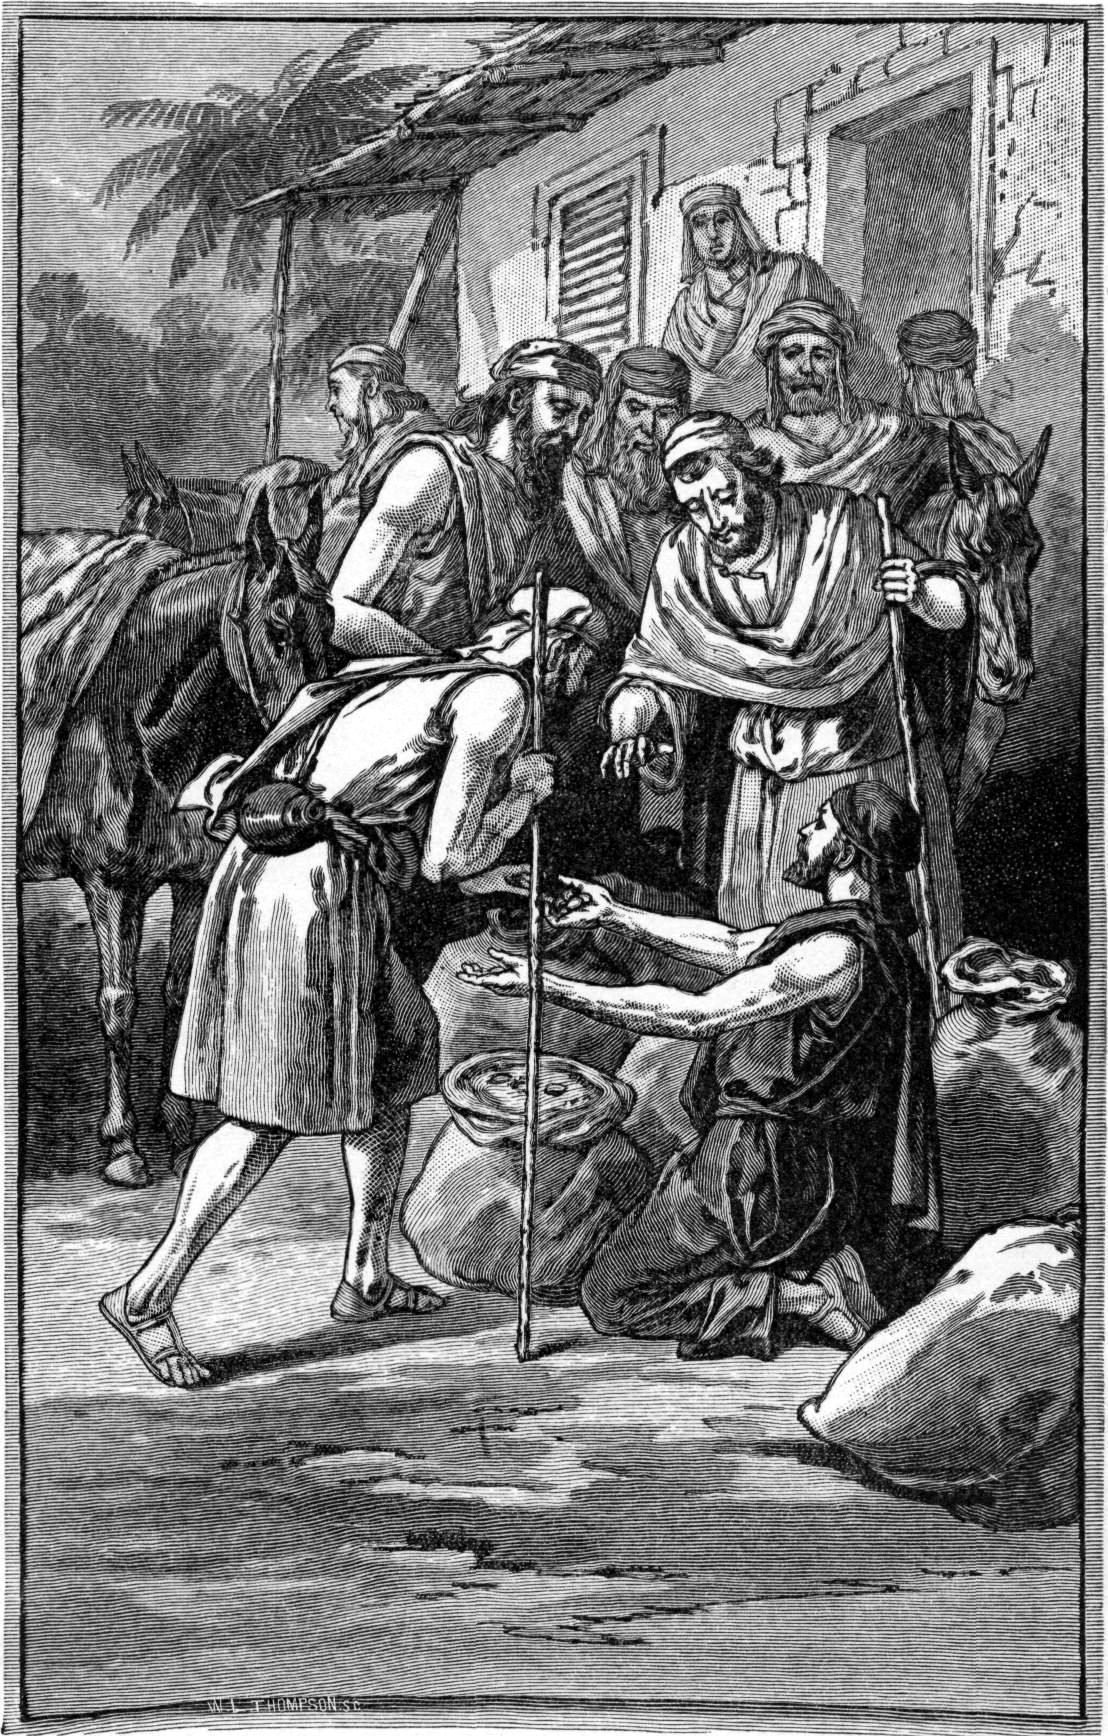 Братья Йосефа обнаруживают в своих мешках серебро. Иллюстрация к изданию Библии, 1897